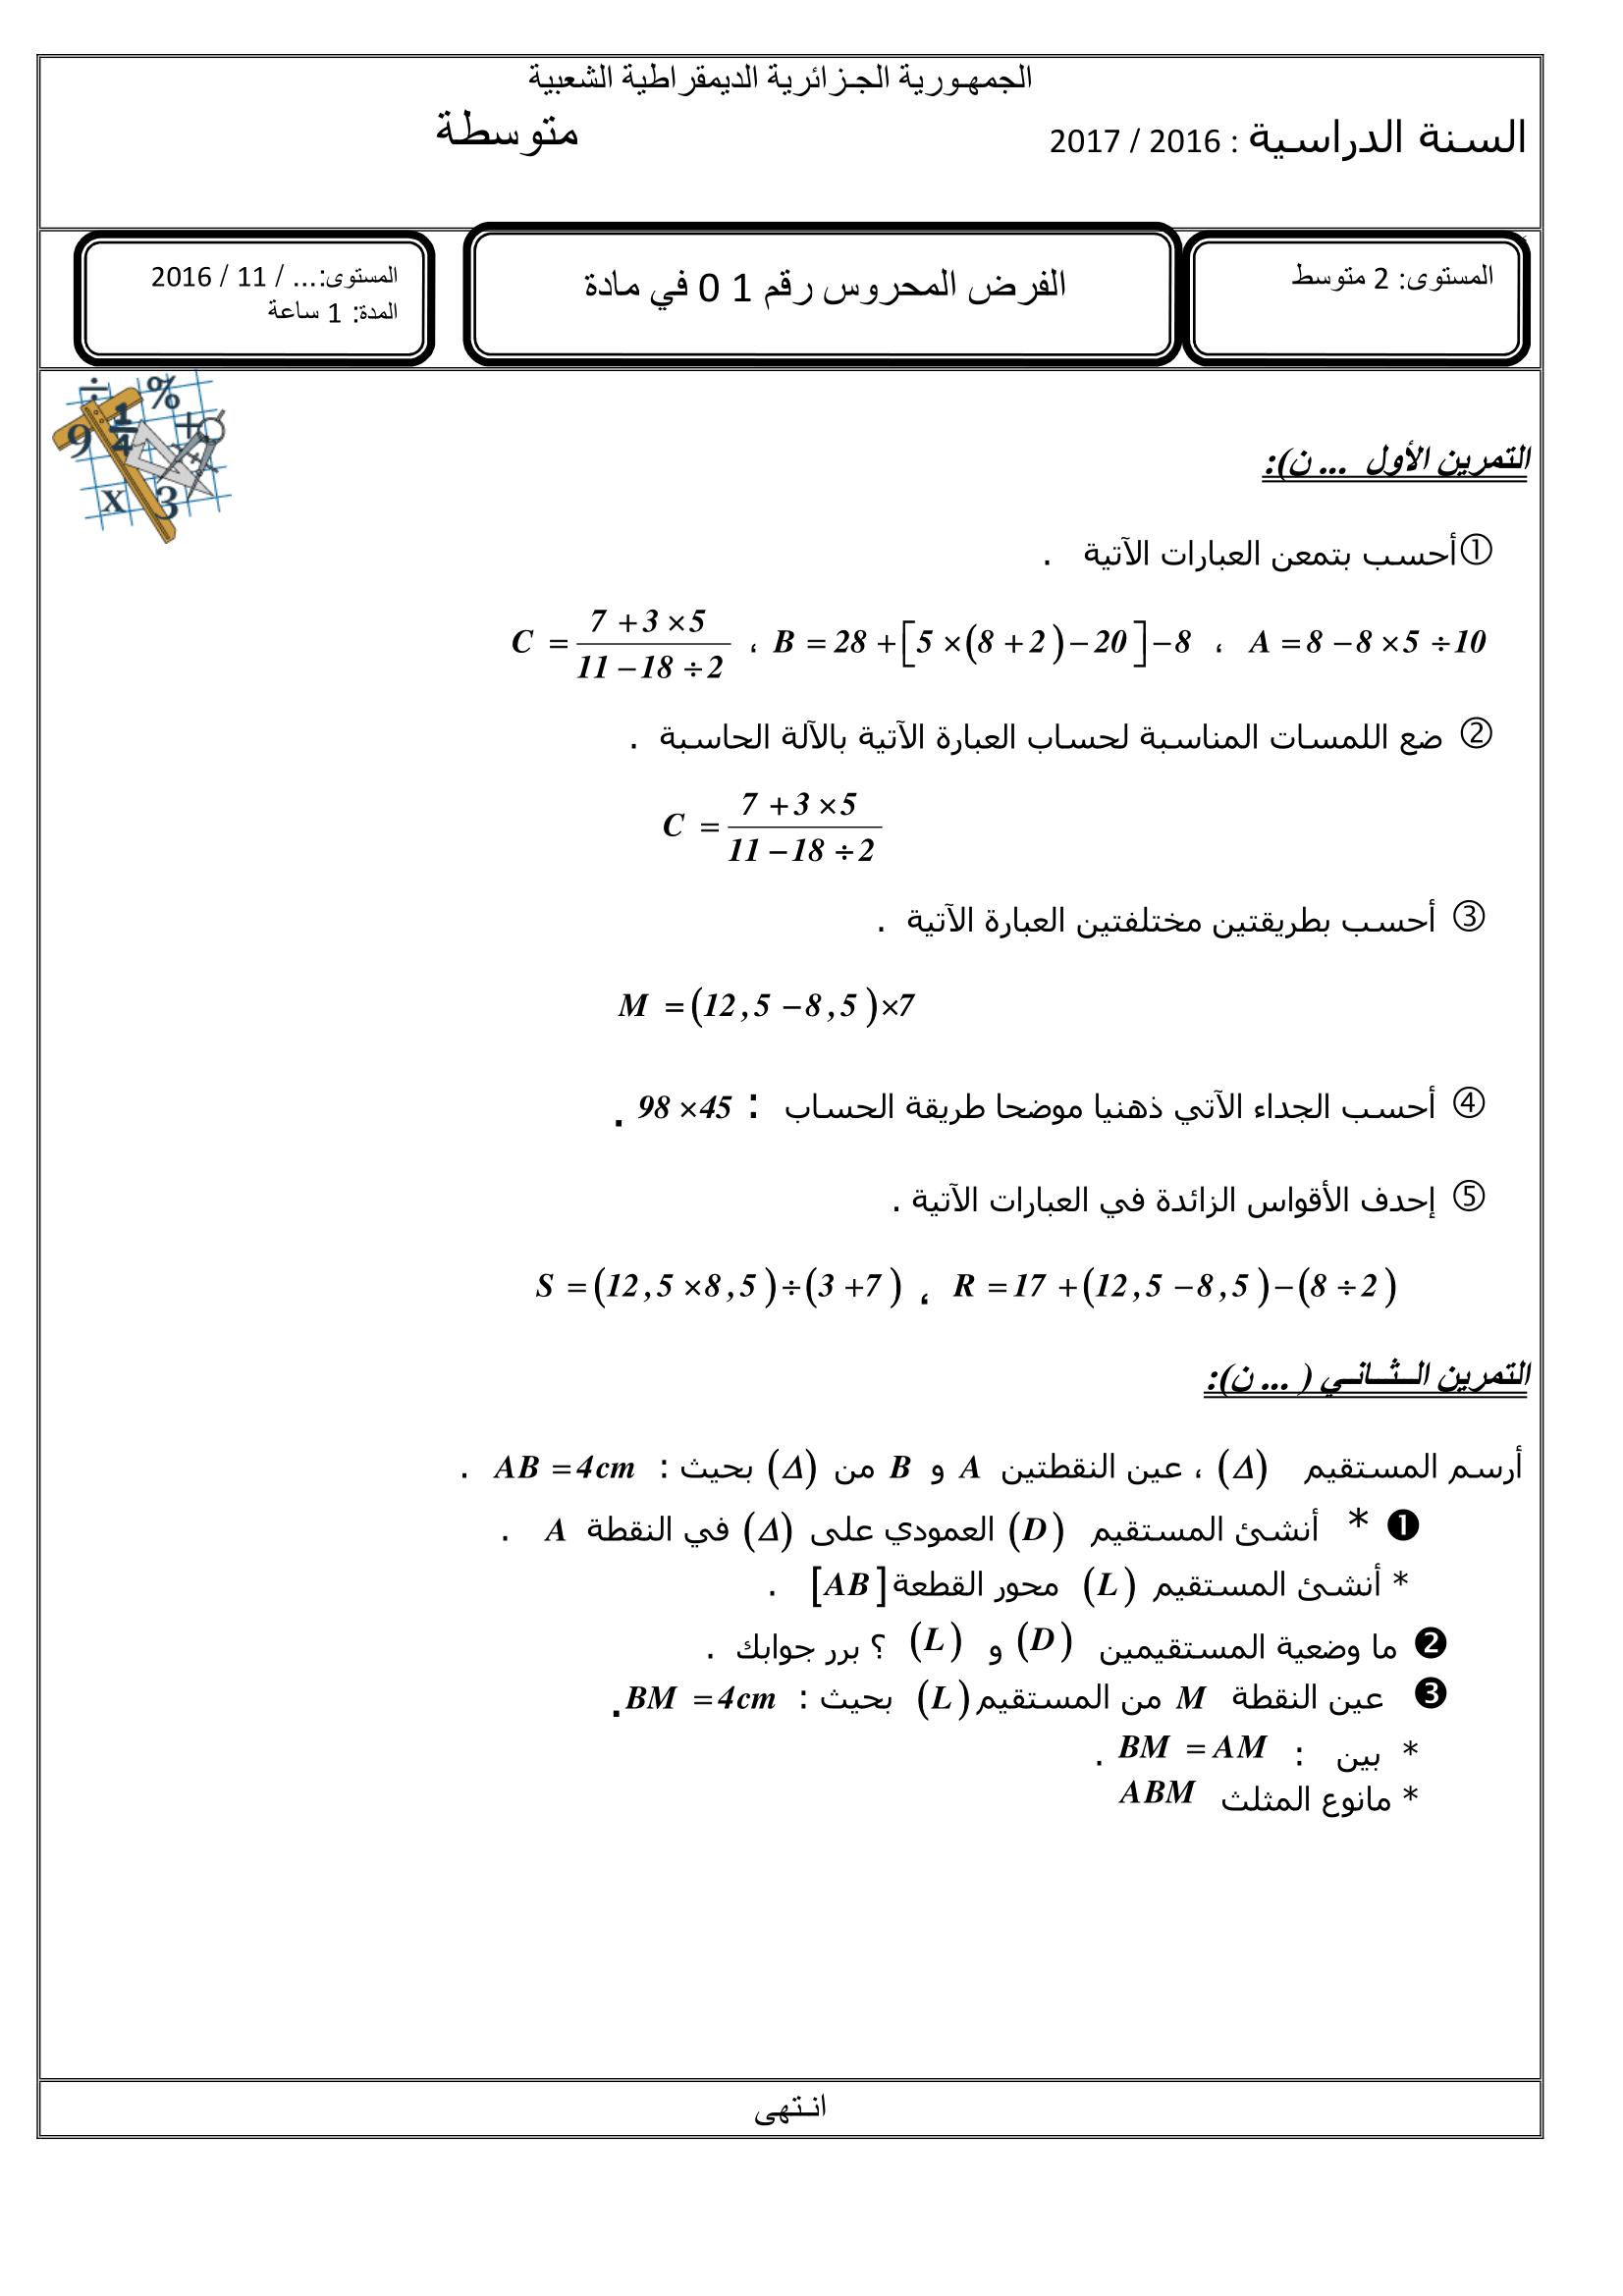 فروض و اختبارات السنة الثانية متوسط مادة الرياضيات الفصل الأول 2016 2017 النموذج 02 Math Exam Math Equations